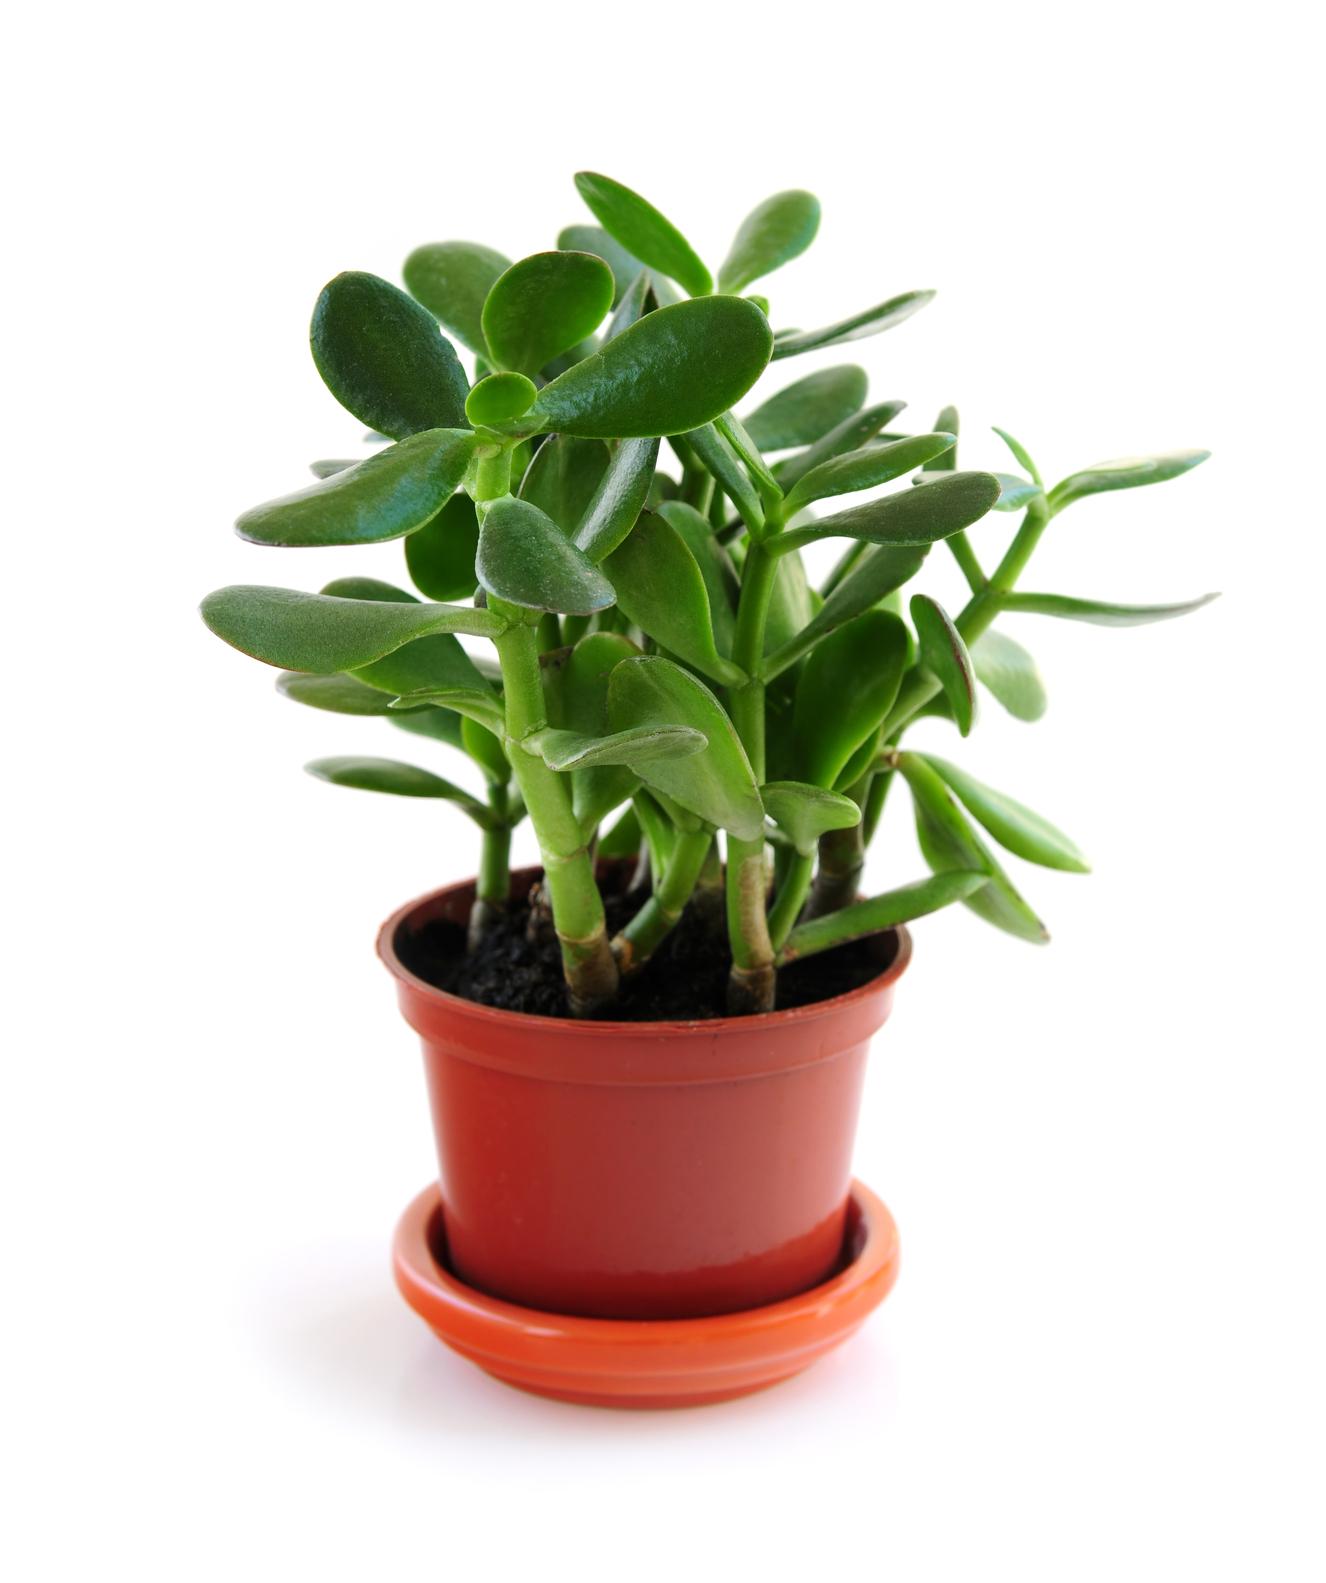 Plantes de jade: comment planter, cultiver et entretenir des plantes de jade